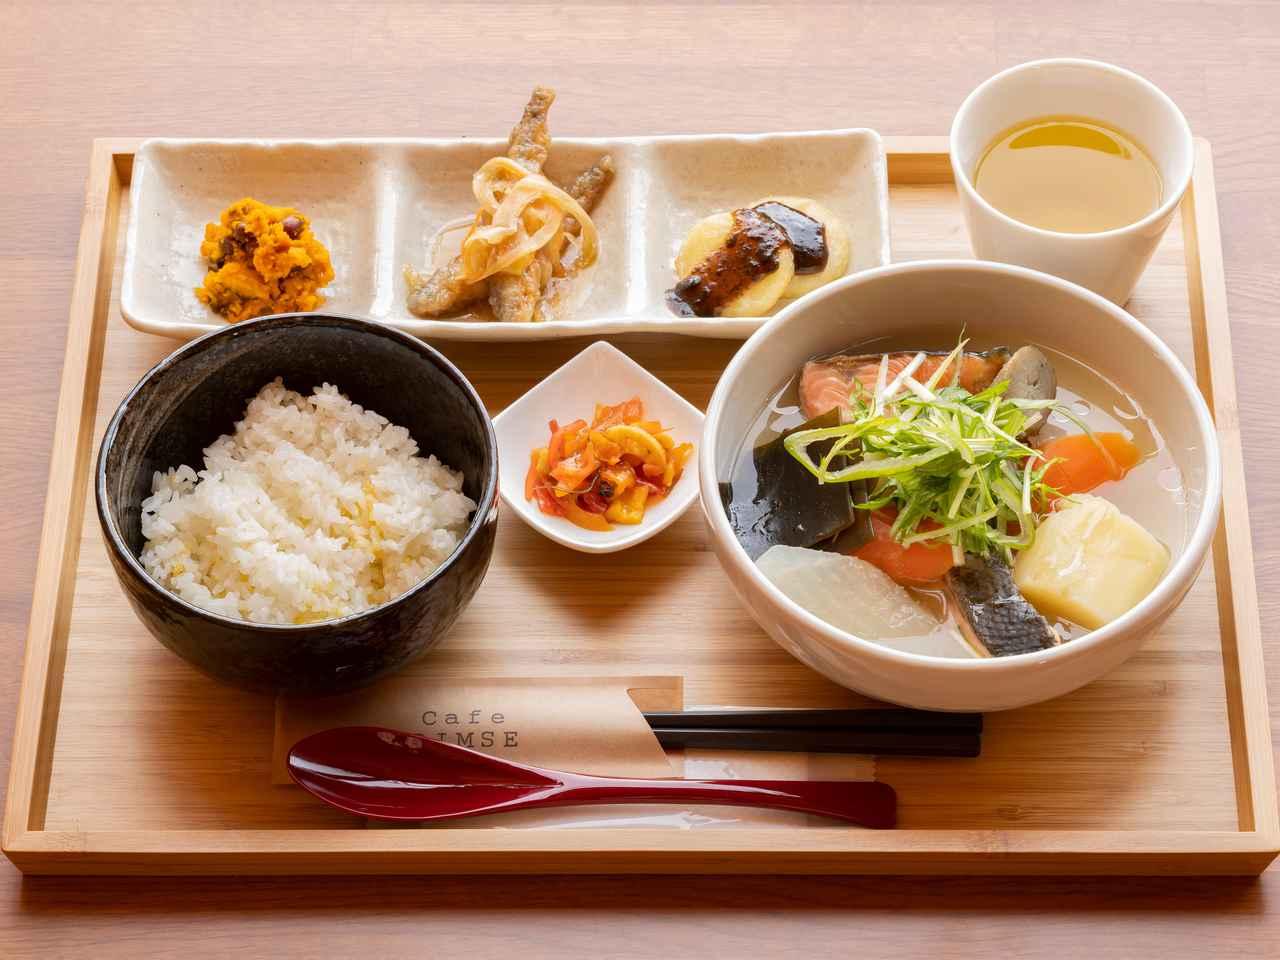 画像5: 【1泊2日】北海道西いぶり地方の魅力を、観て・食べて・学ぶ!大満喫コース!